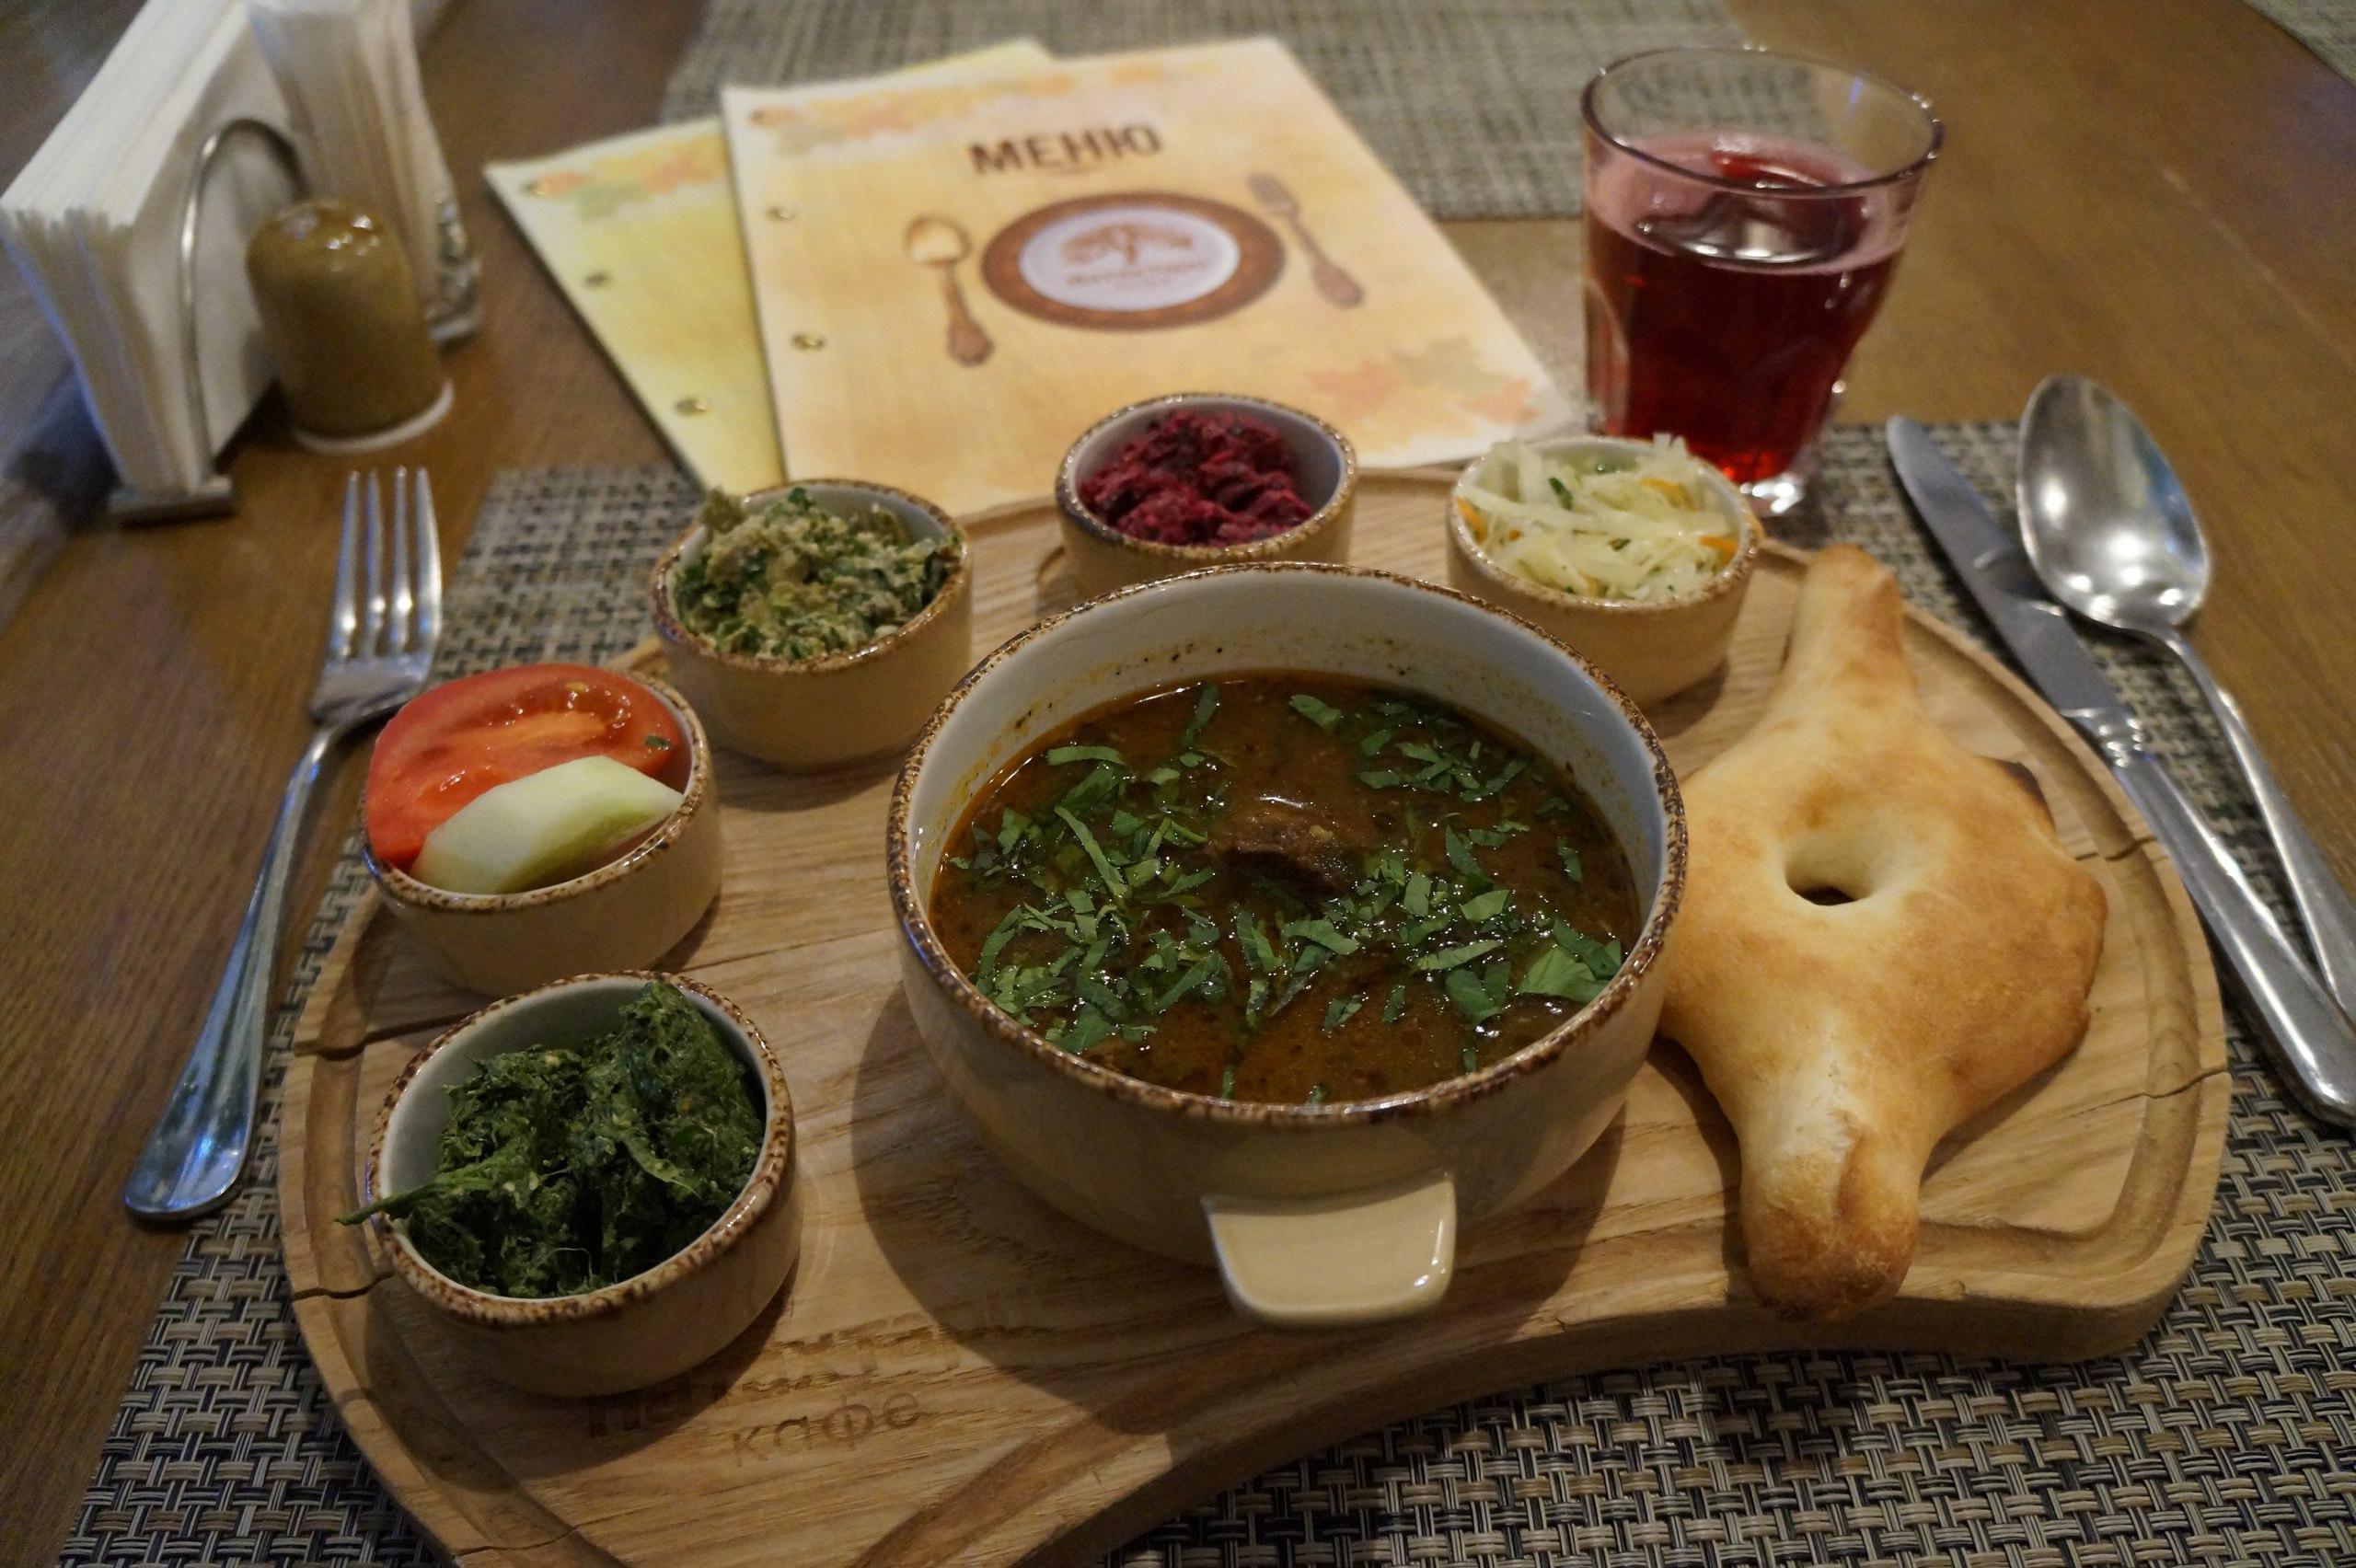 Натахтари - самые голодные обеды в Москве